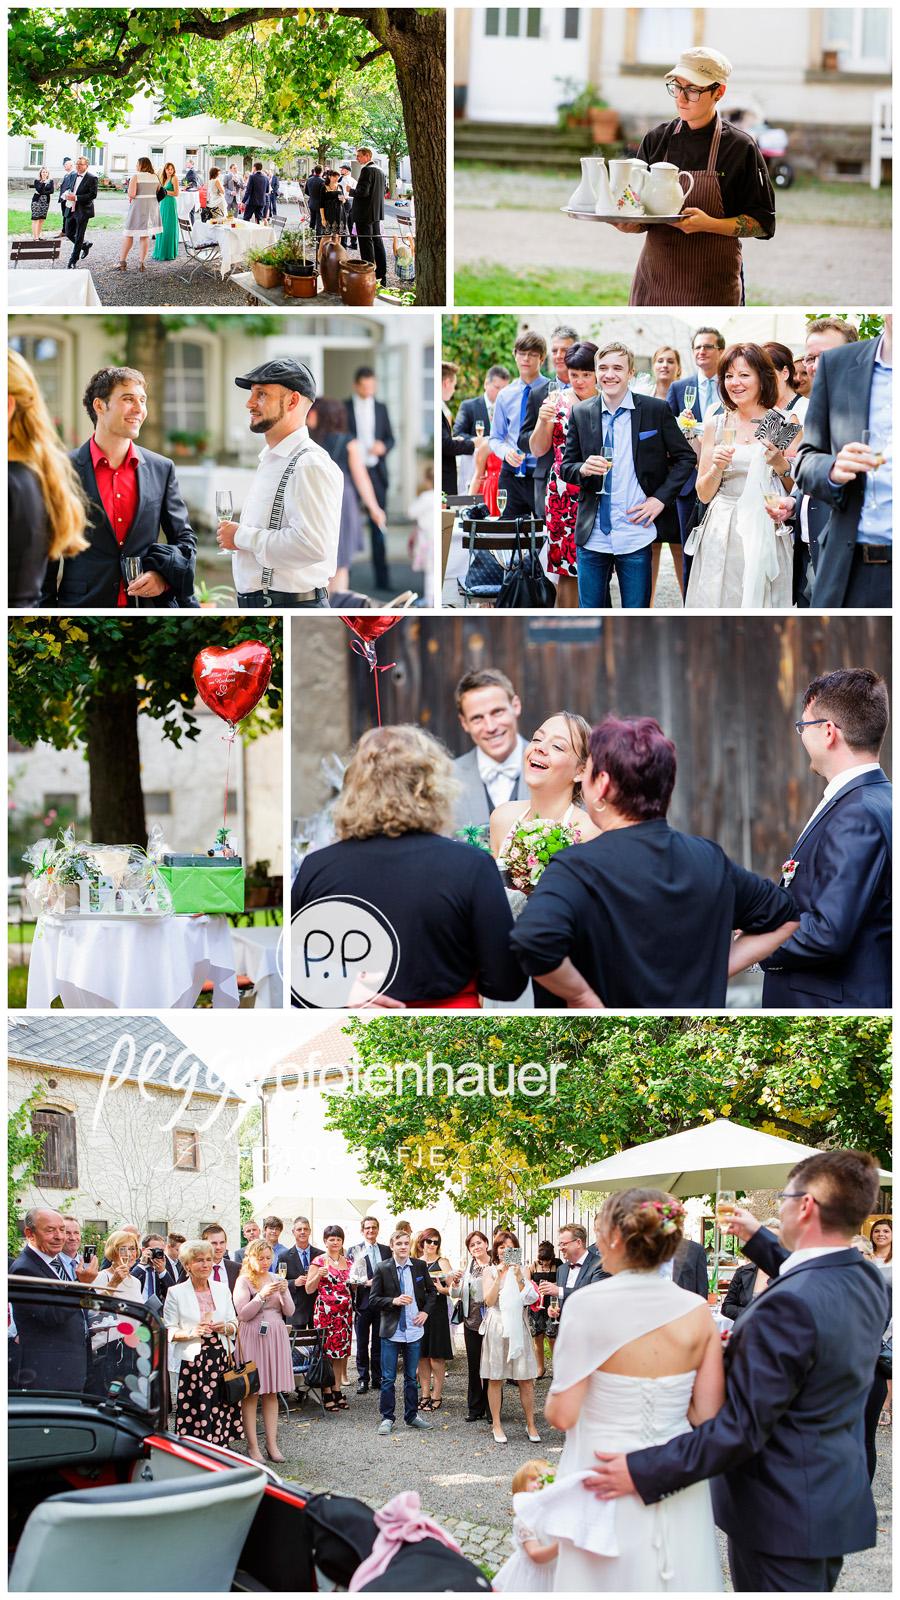 Hochzeitsreportage Bayreuth